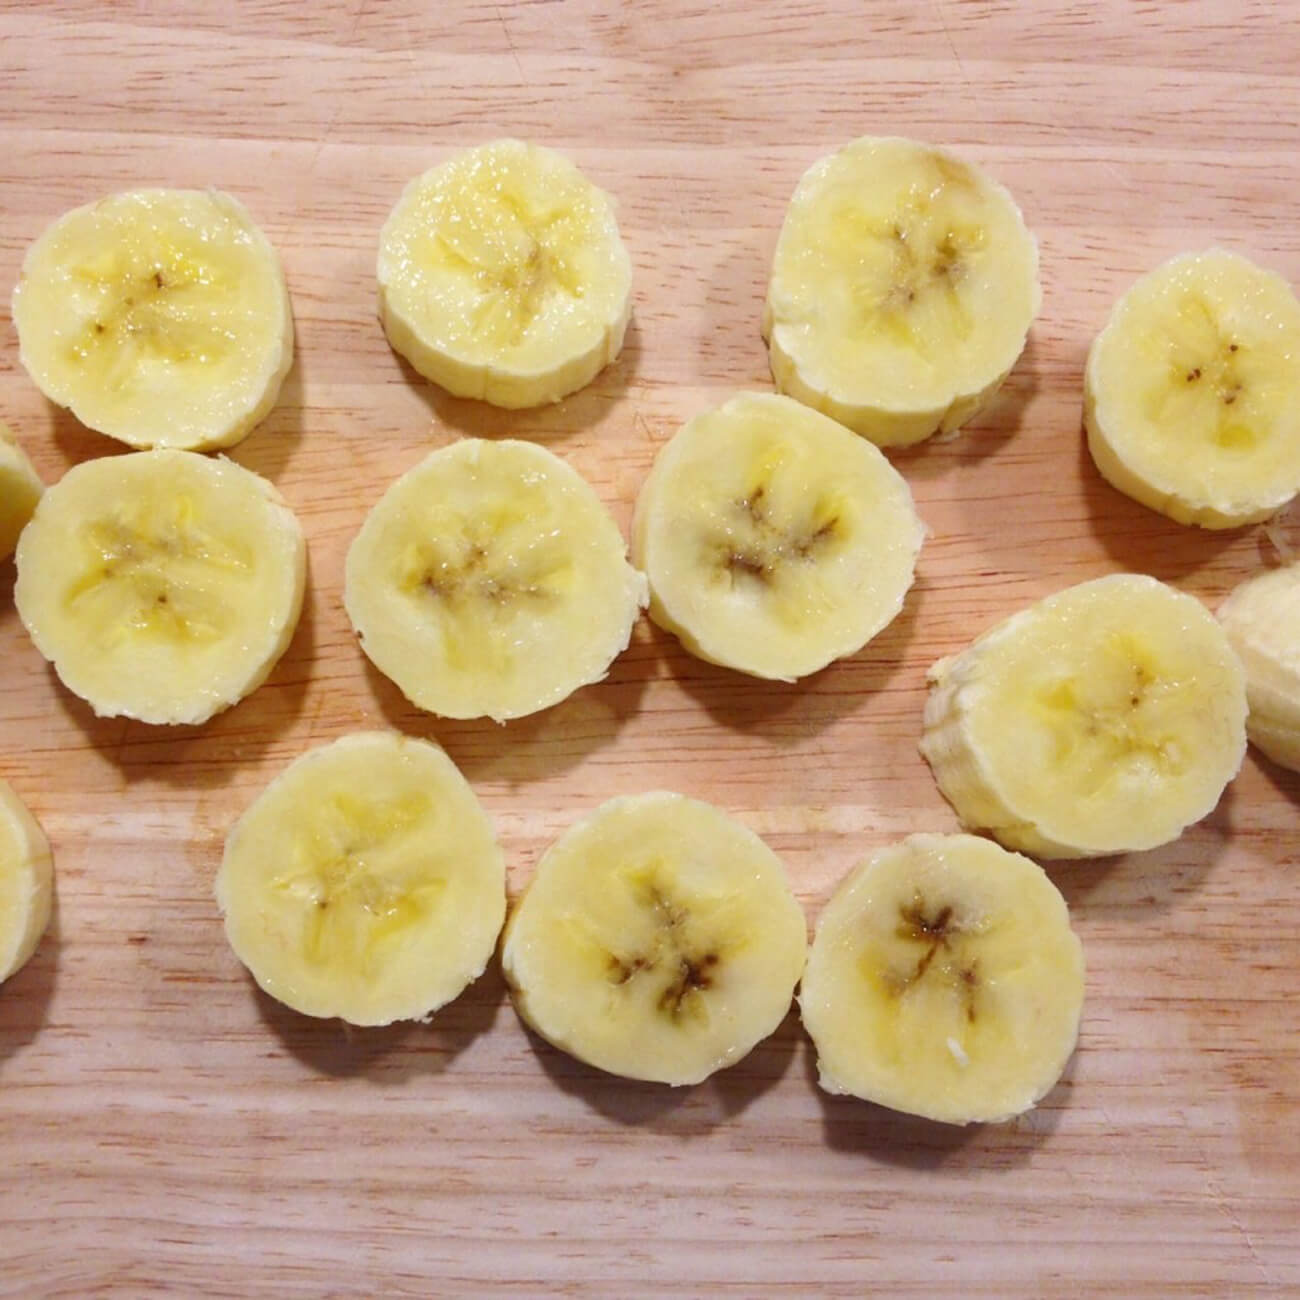 Банан вымыть, очистить, нарезать на ломтики